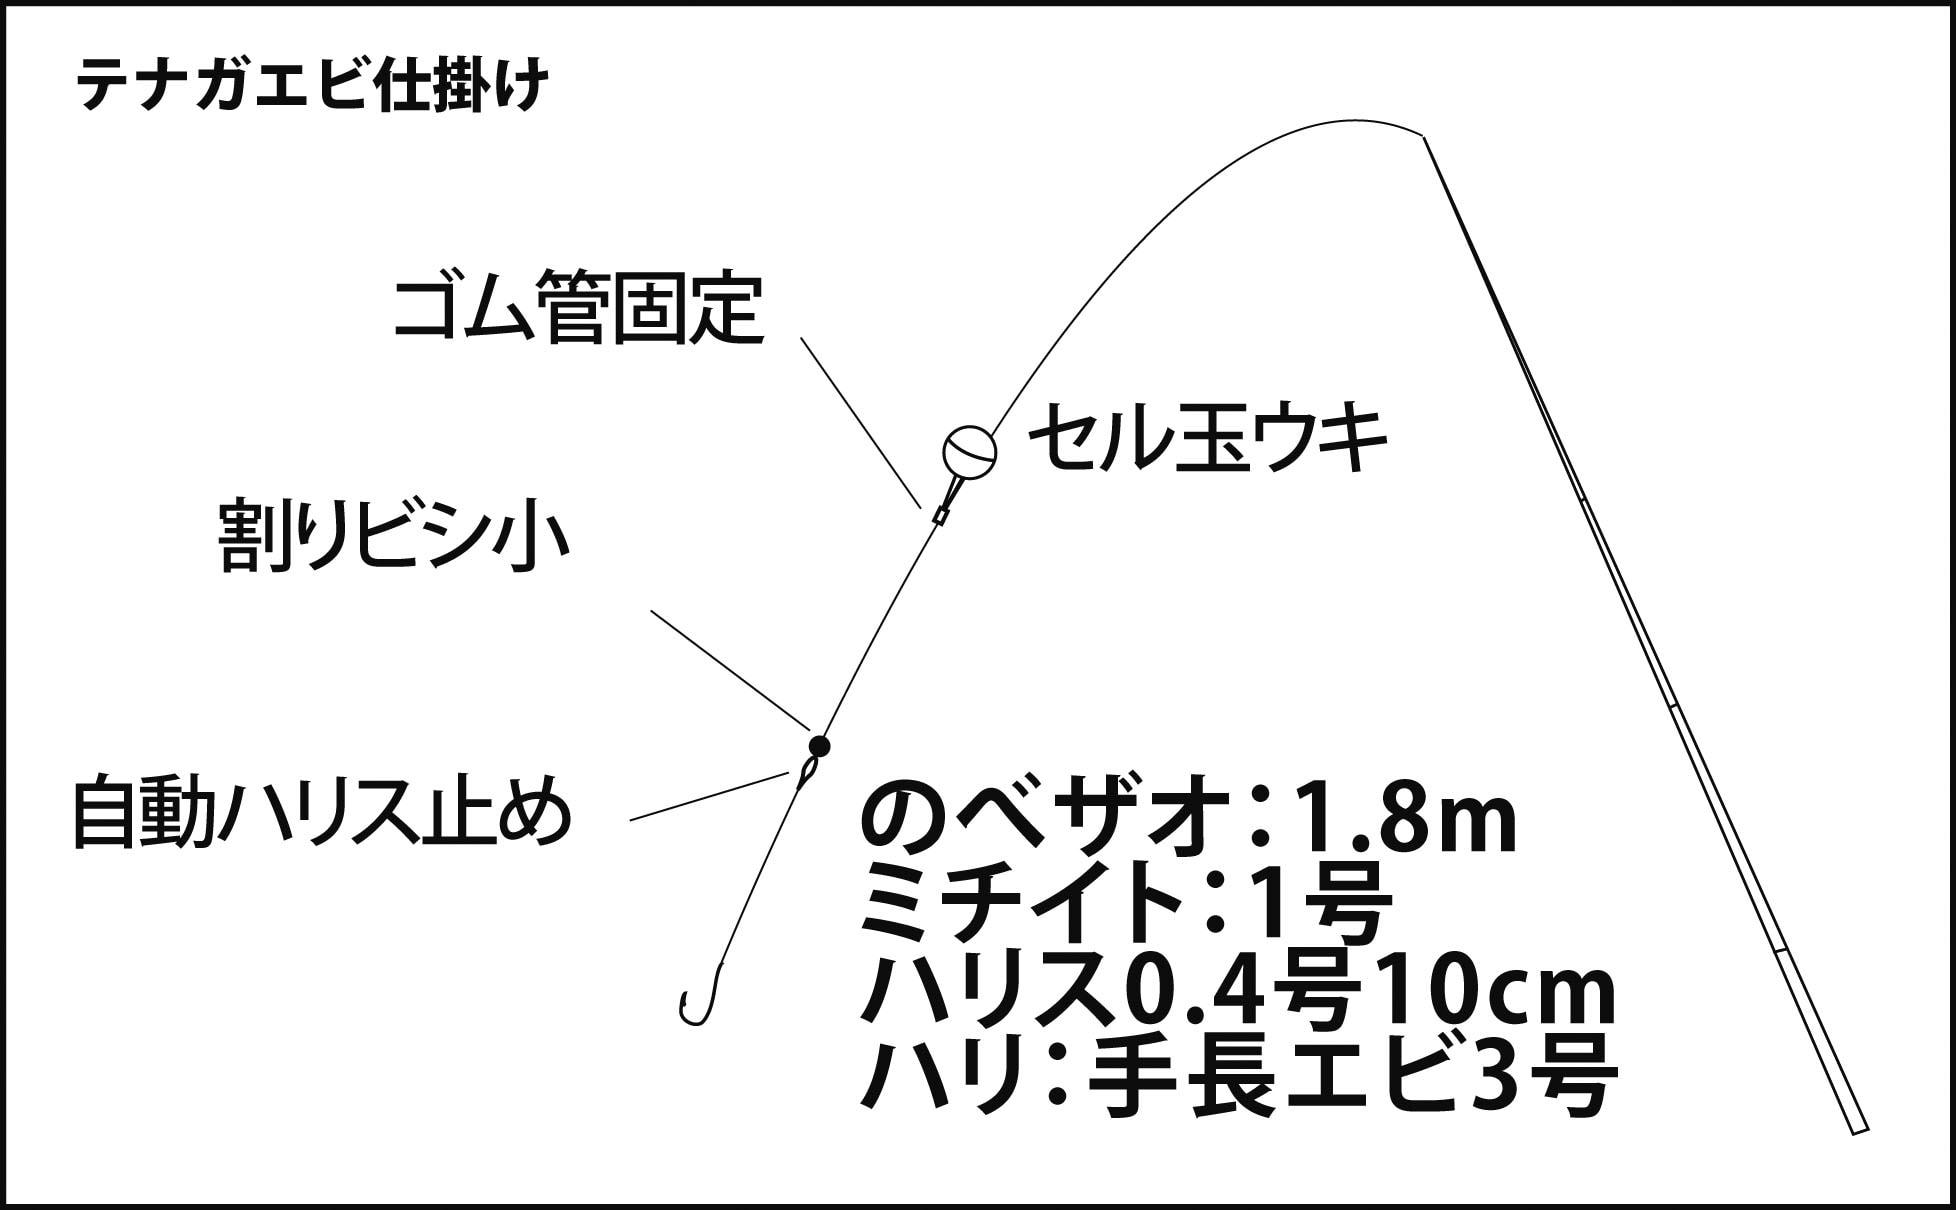 流行中の『赤虫』エサでテナガエビ釣り 大阪湾はアタリ年?!【淀川】